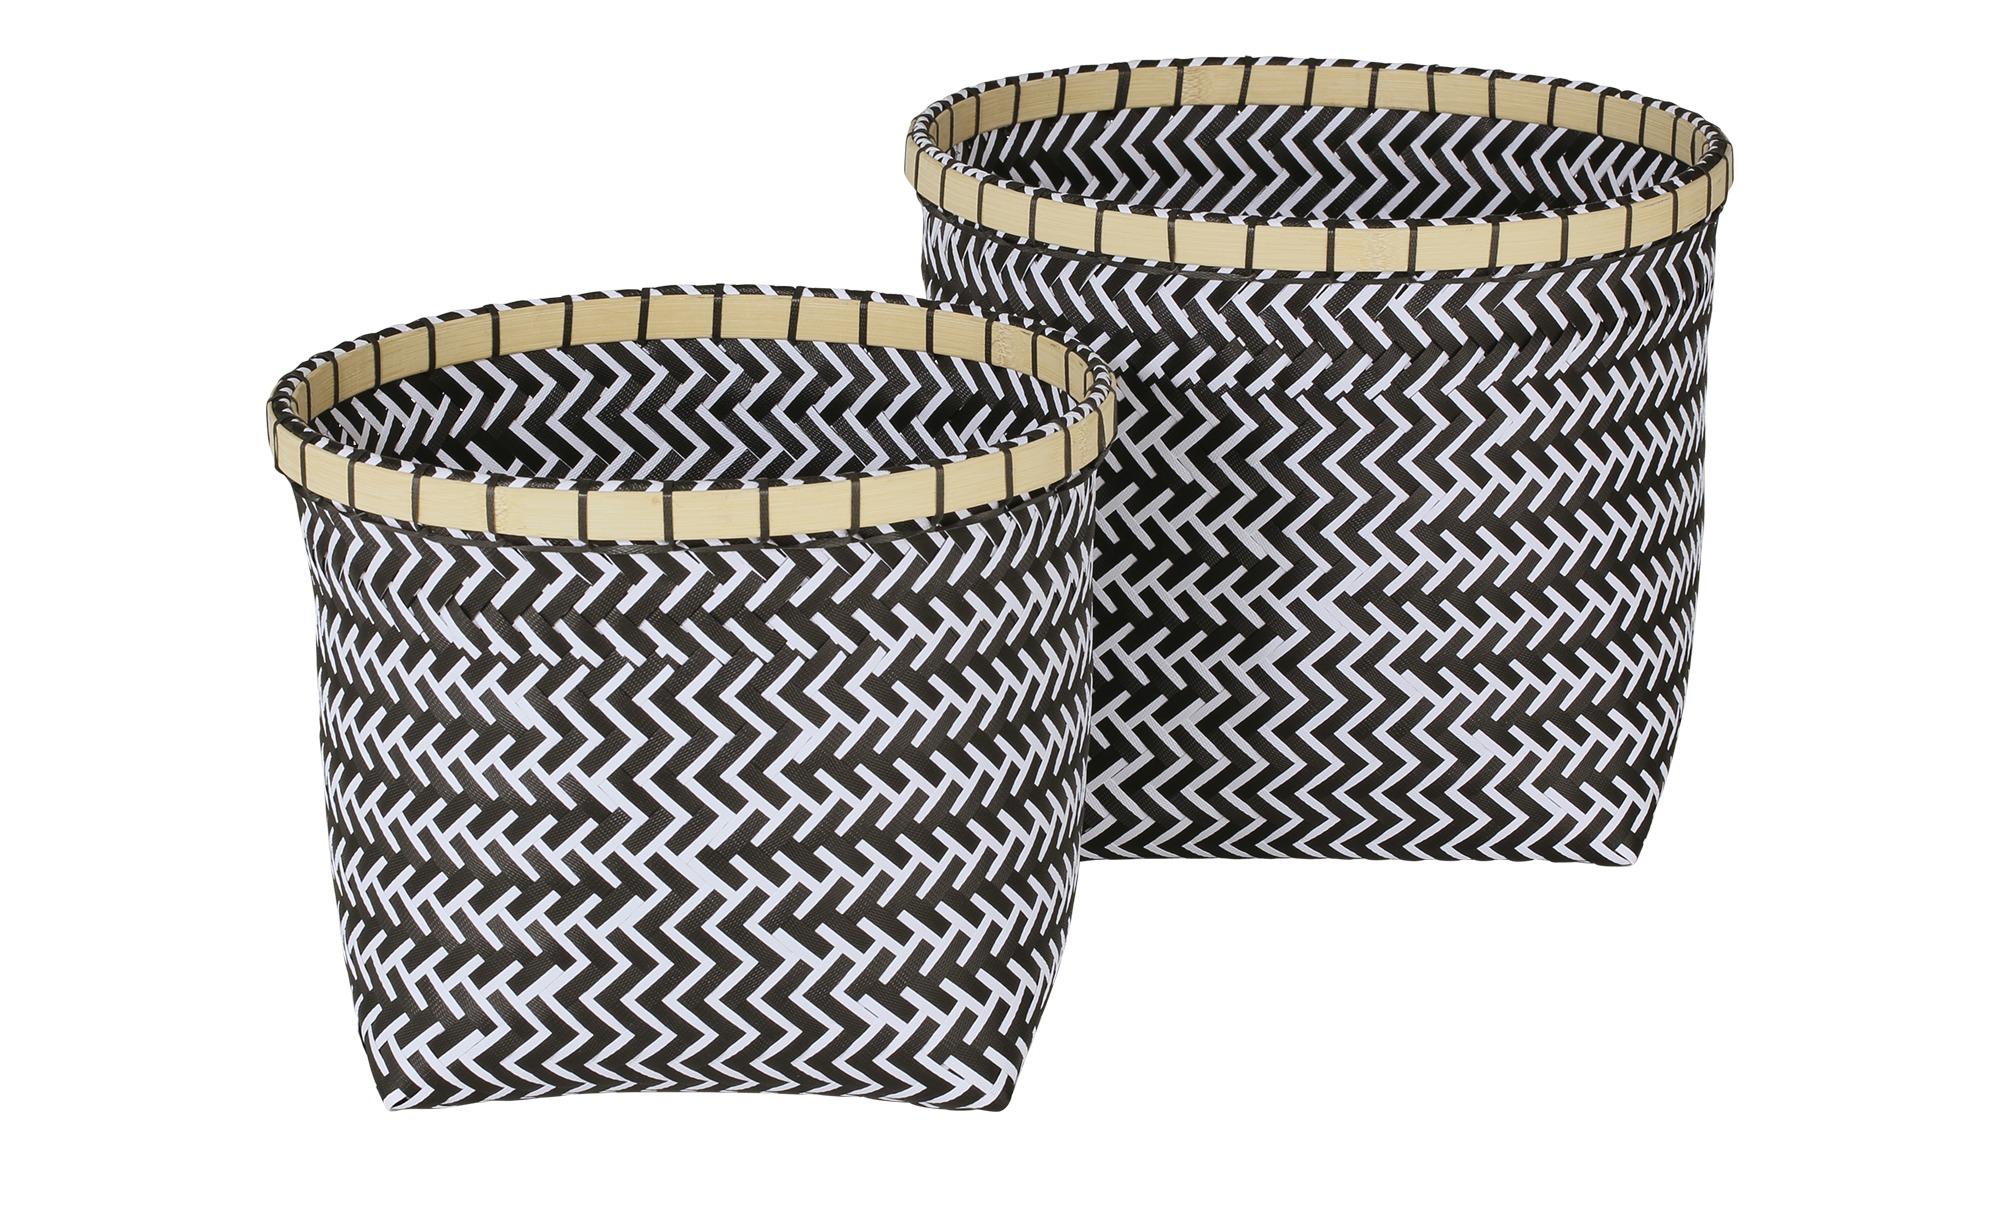 2er-Set Aufbewahrungskörbe - grau - Polypropylen, Bambus - 27 cm - Sconto